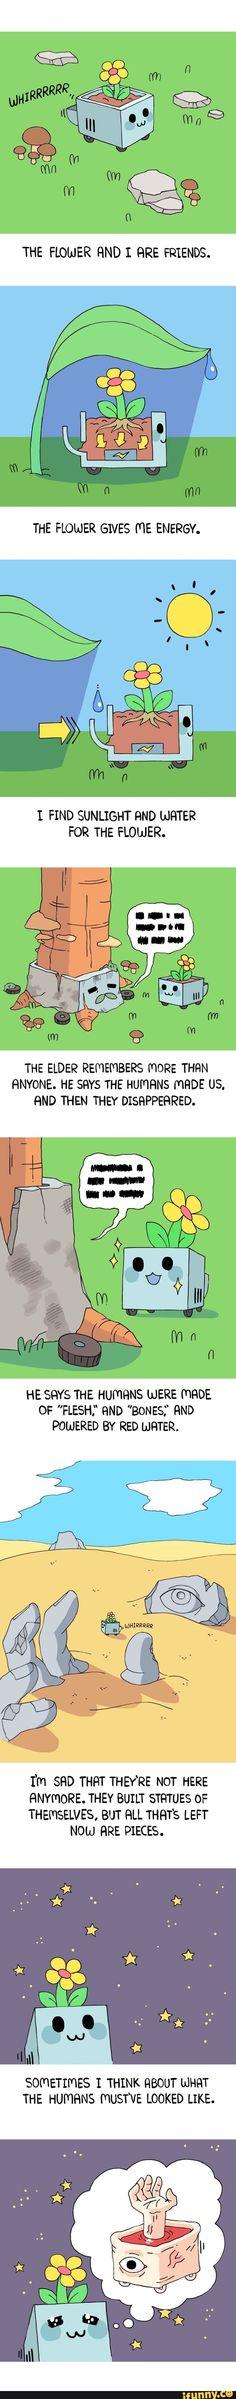 Picture memes by MostlyGenericMemes: comments - iFunny :) - Selina Owlturd Comics, Comics Story, Cute Comics, Funny Comics, Funny Posts, Funny Memes, Hilarious, Funny Stuff, Comics